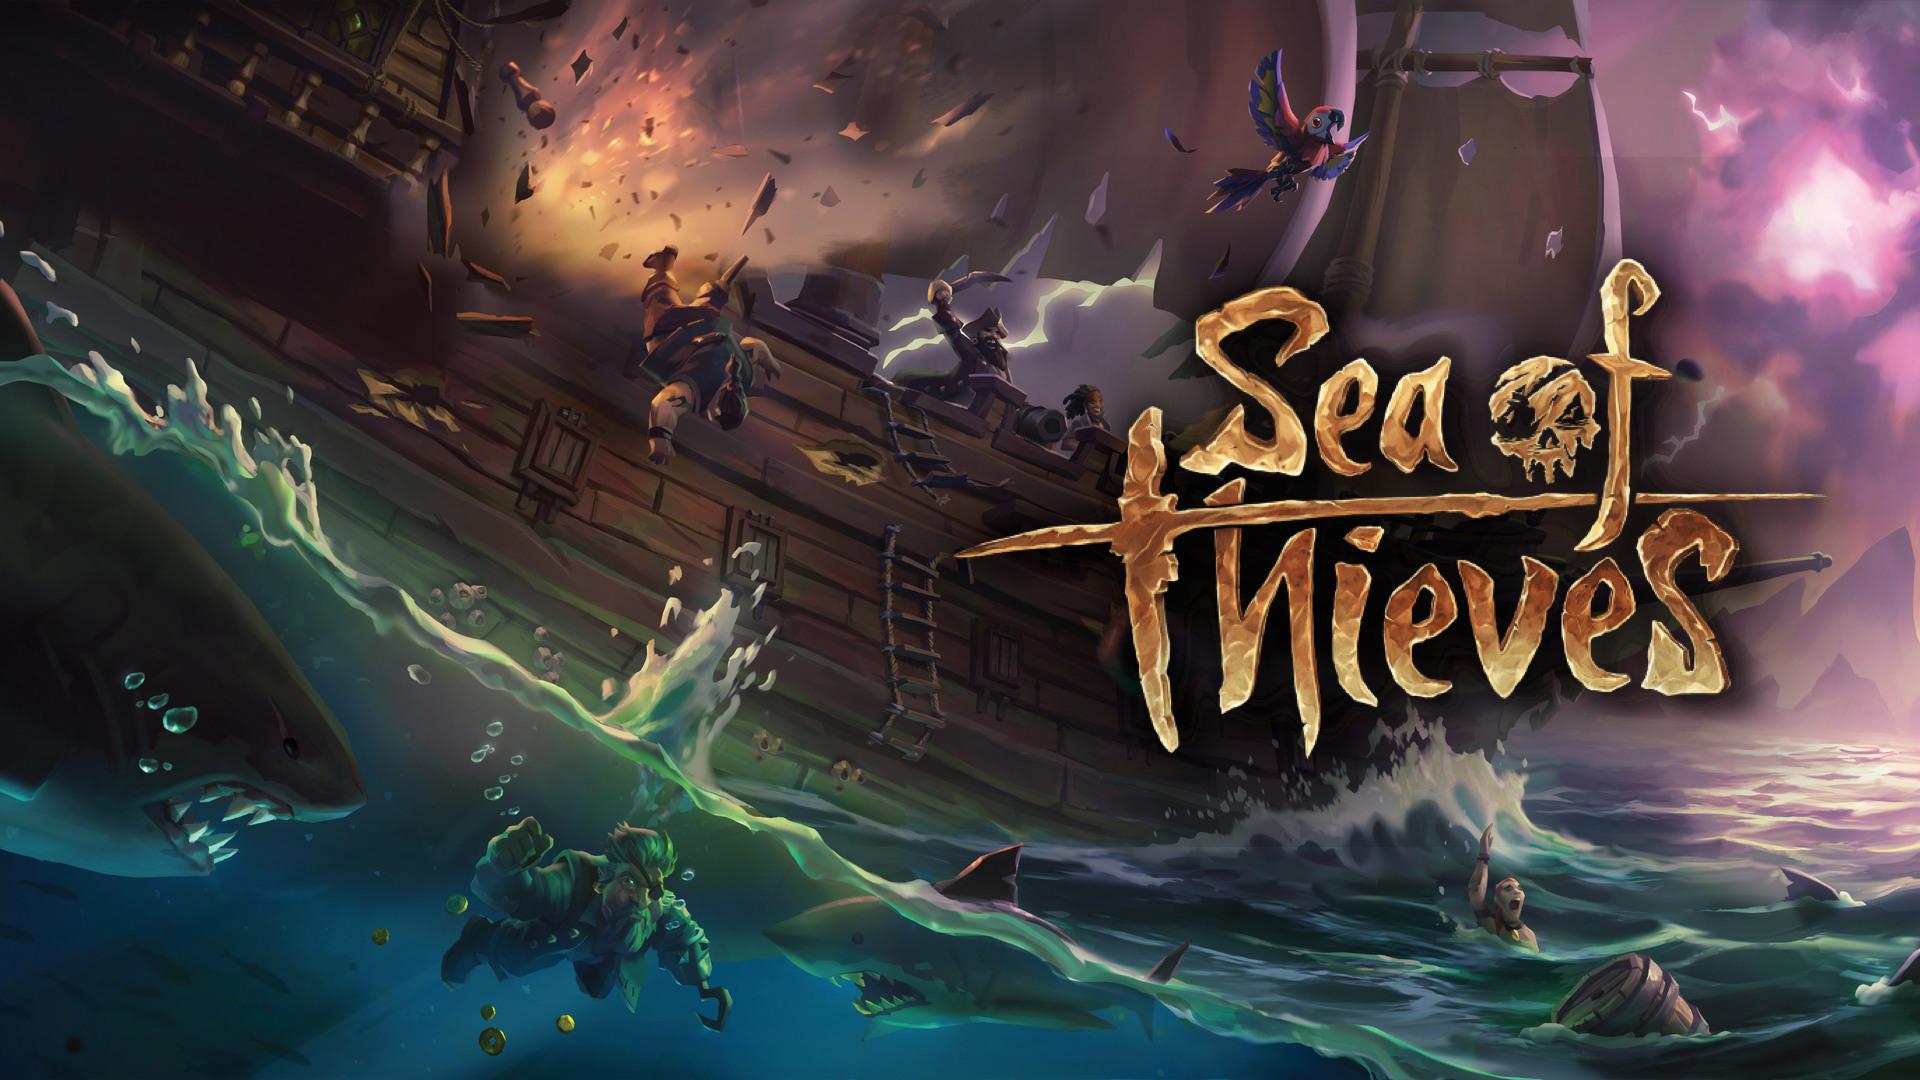 《盗贼之海》首位全成就玩家诞生 平均每天玩7小时